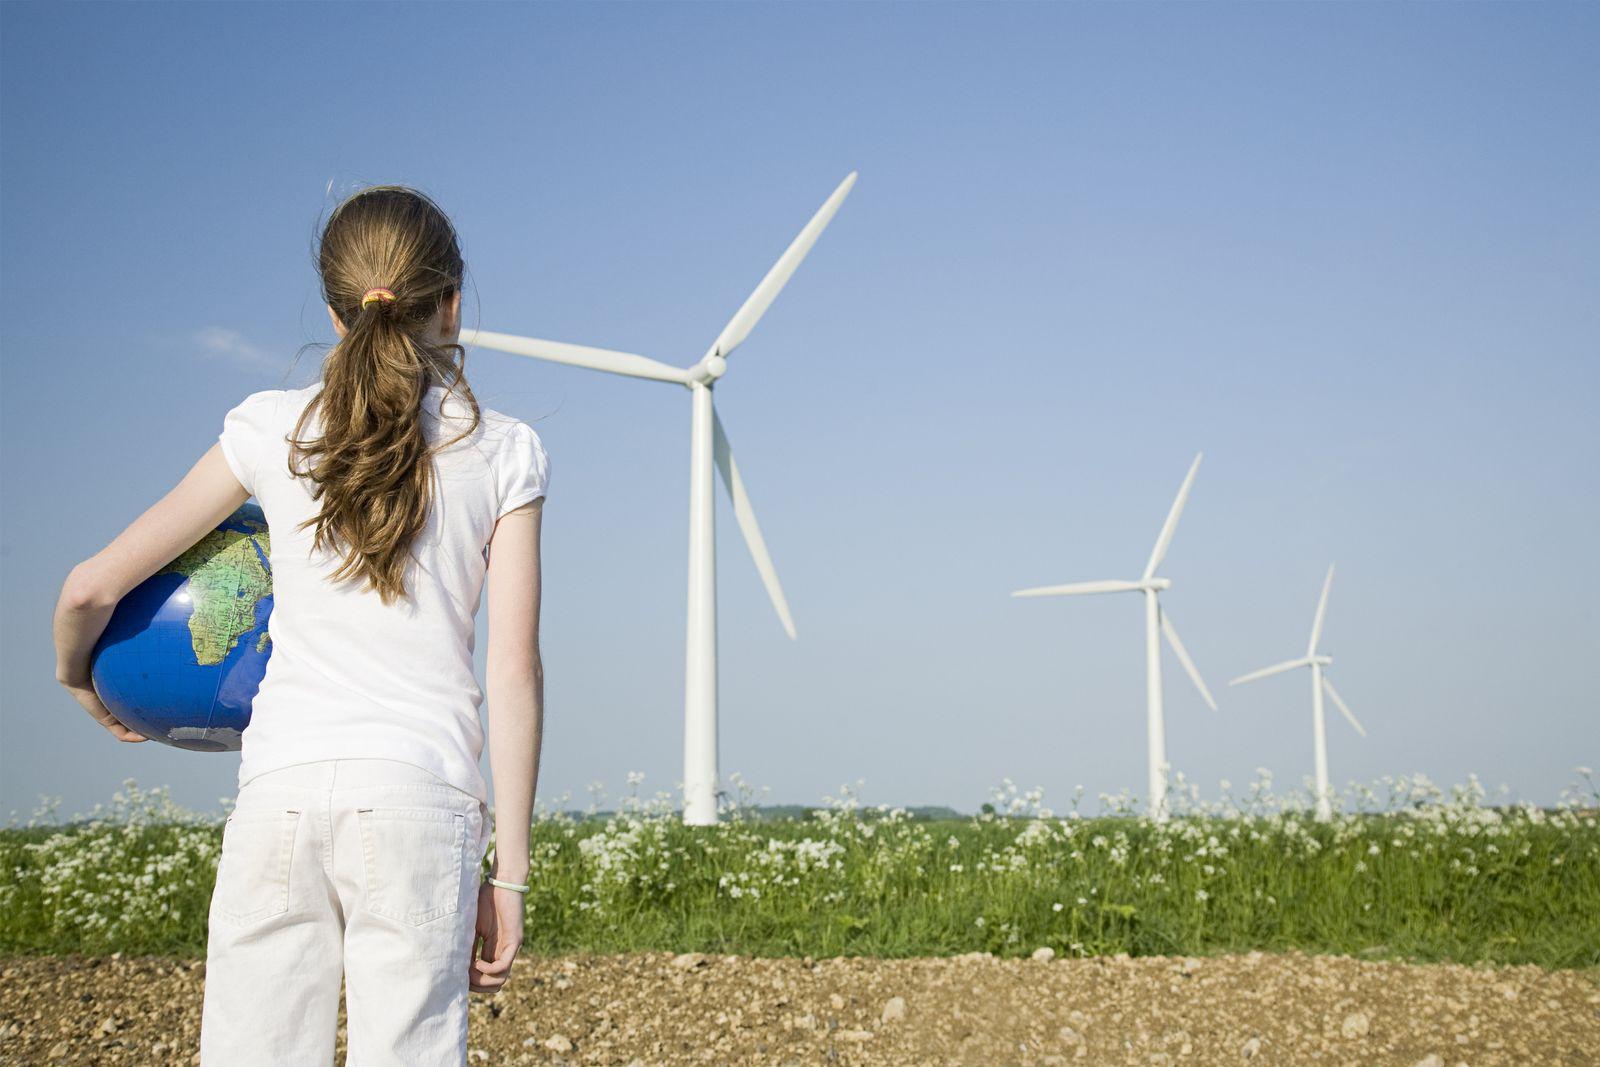 NICHT MEHR VERWENDEN! - Windrad / Windkraft